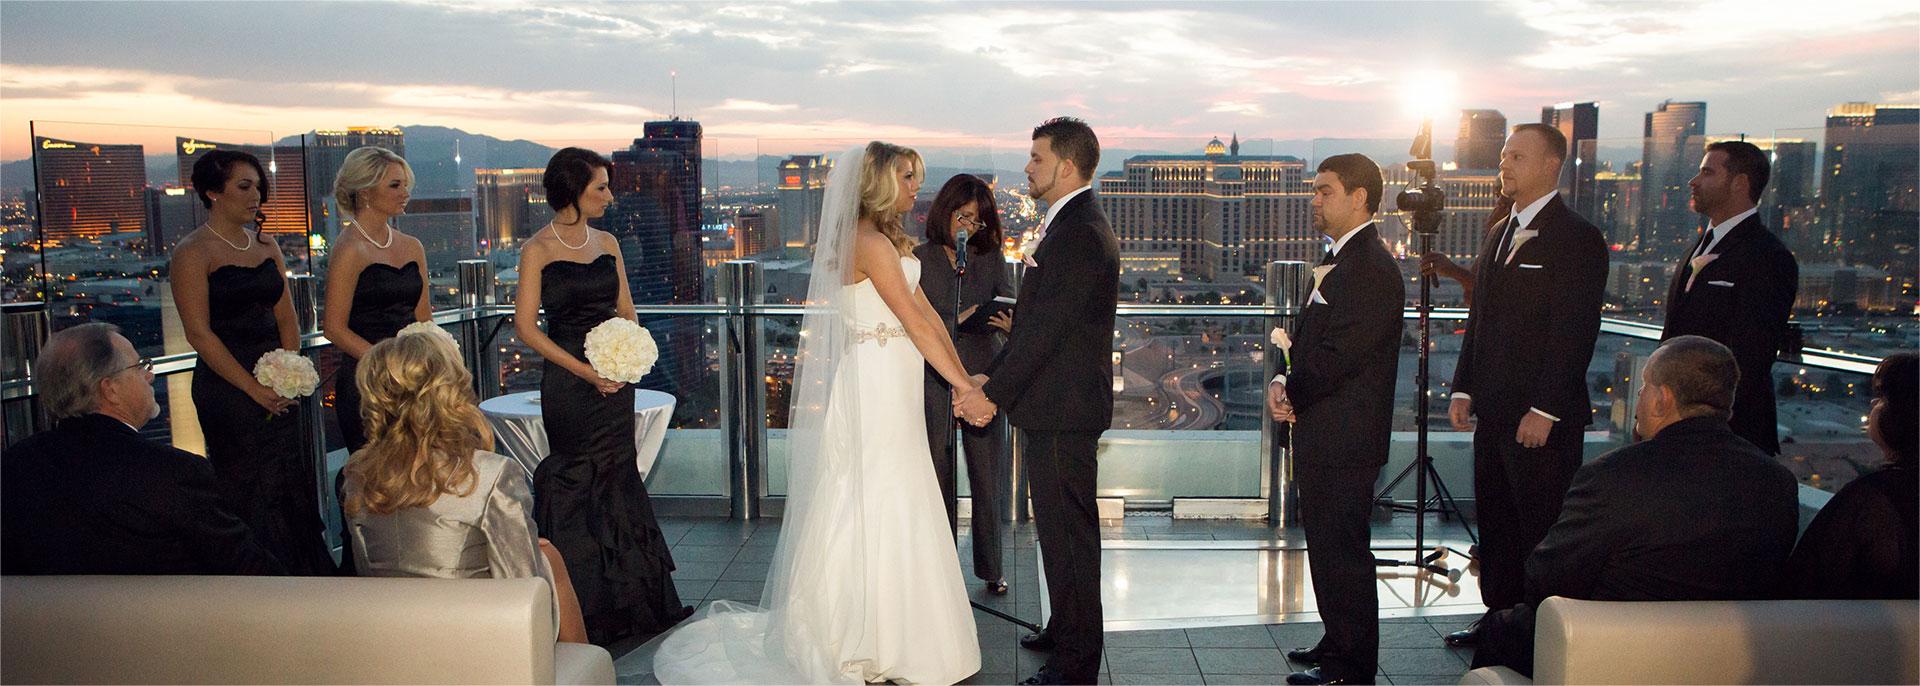 Wedding ceremony with Reverend Venniro